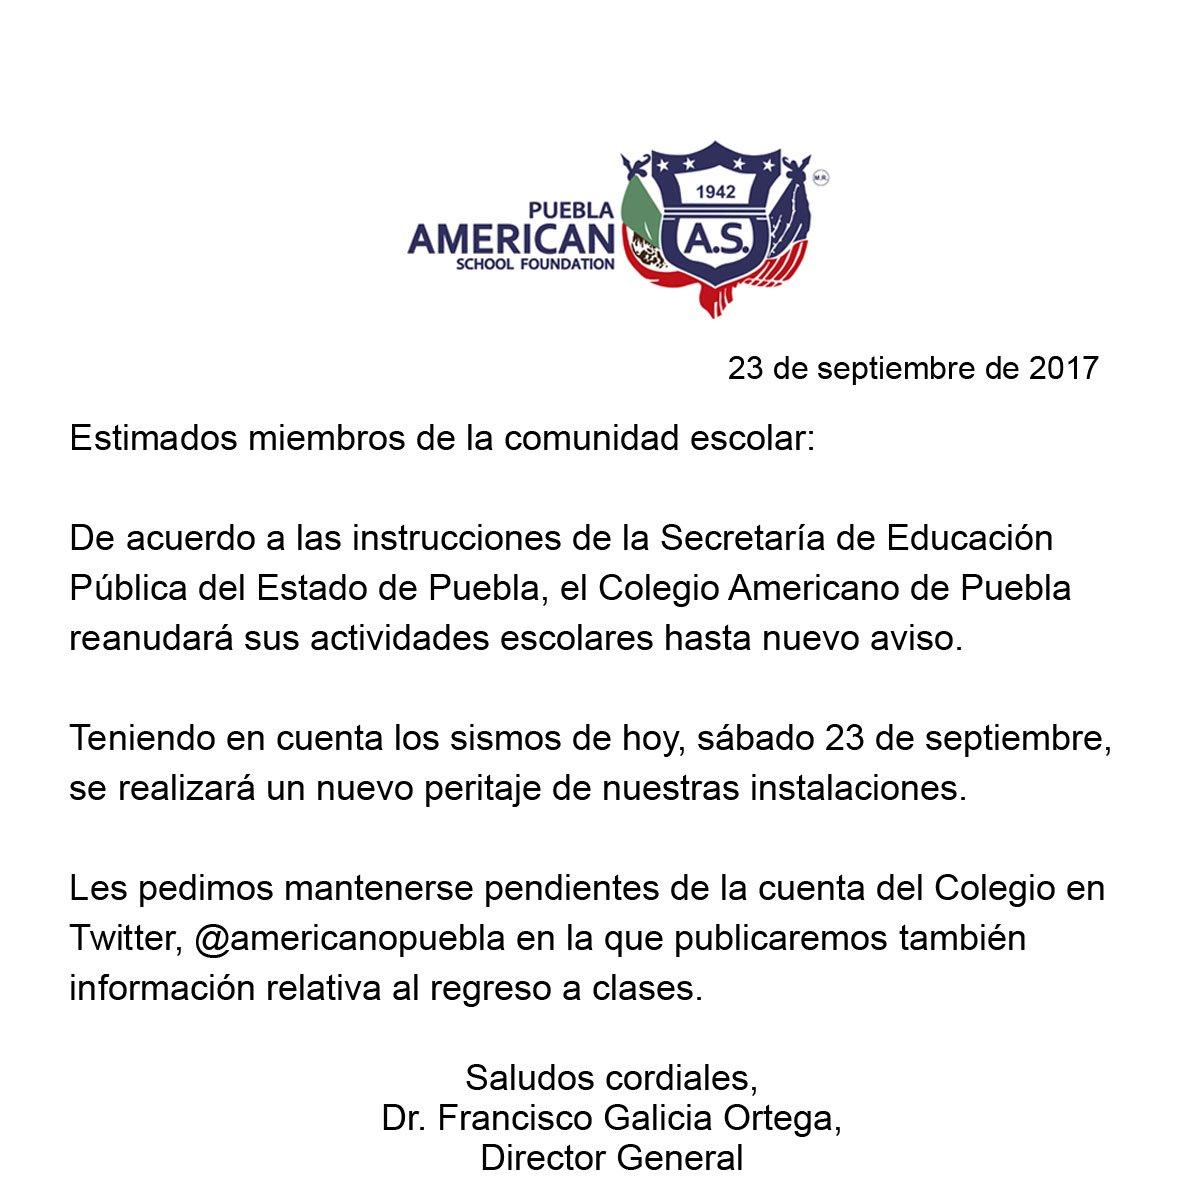 Vistoso Mejores Servicios De Reanudación Nyc Adorno - Ejemplo De ...